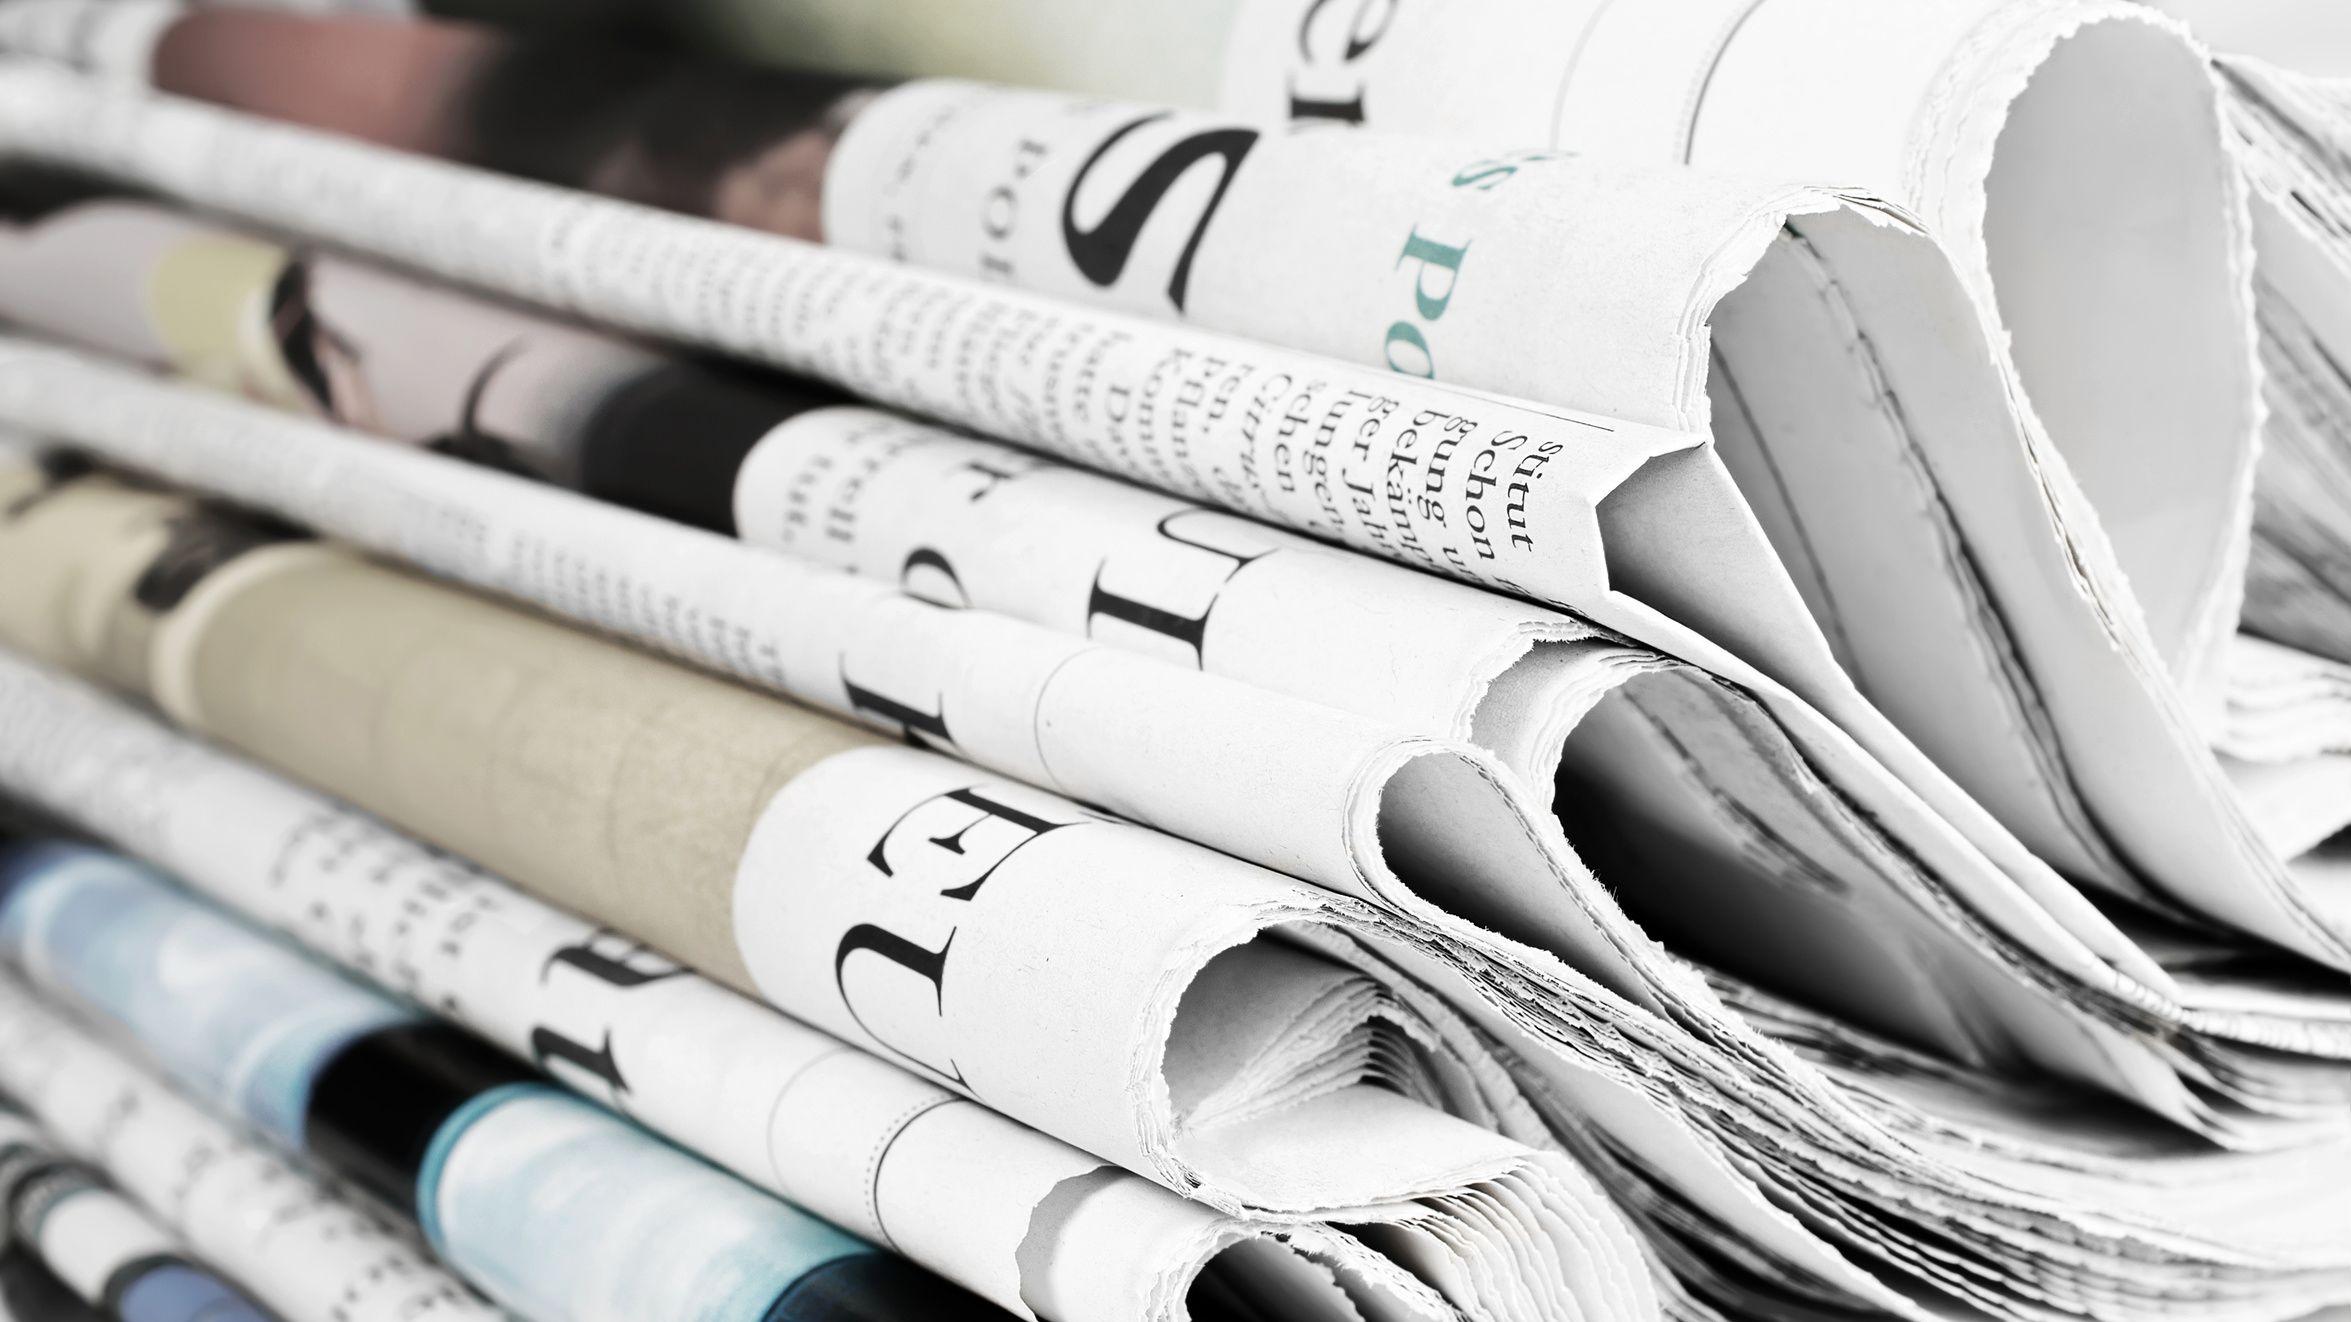 Antrag beschlossen: Zeitungsverlage bekommen 40 Millionen Euro für die Zustellung